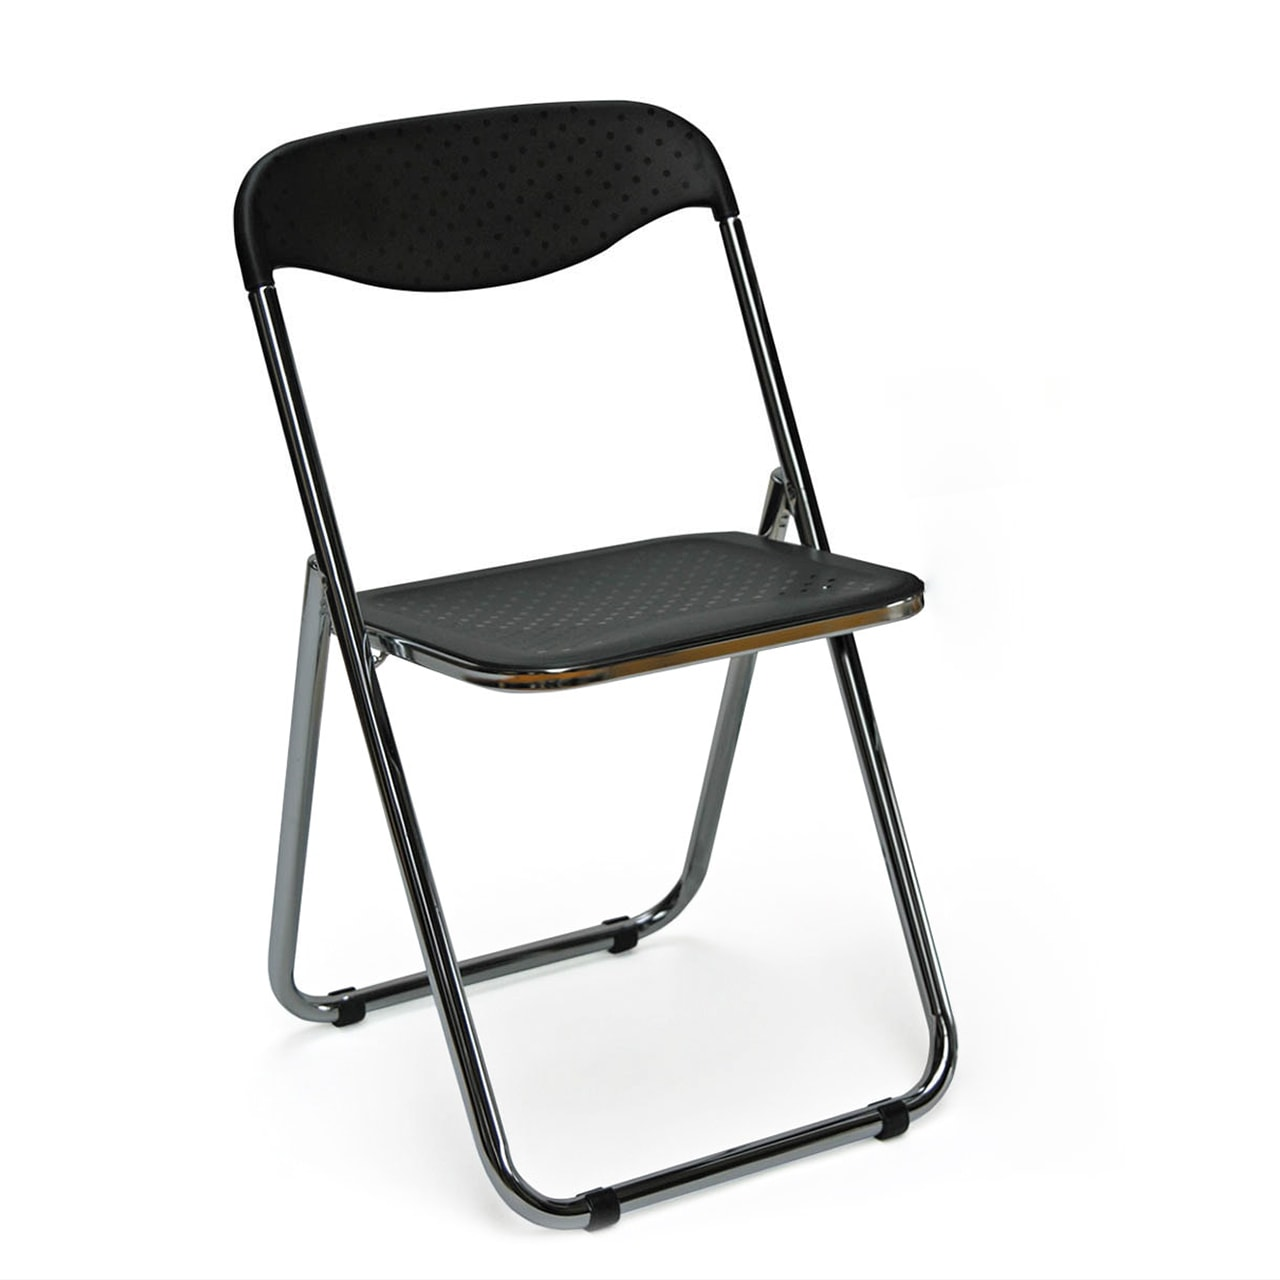 chaise pliante en pvc et chrome spot pas cher